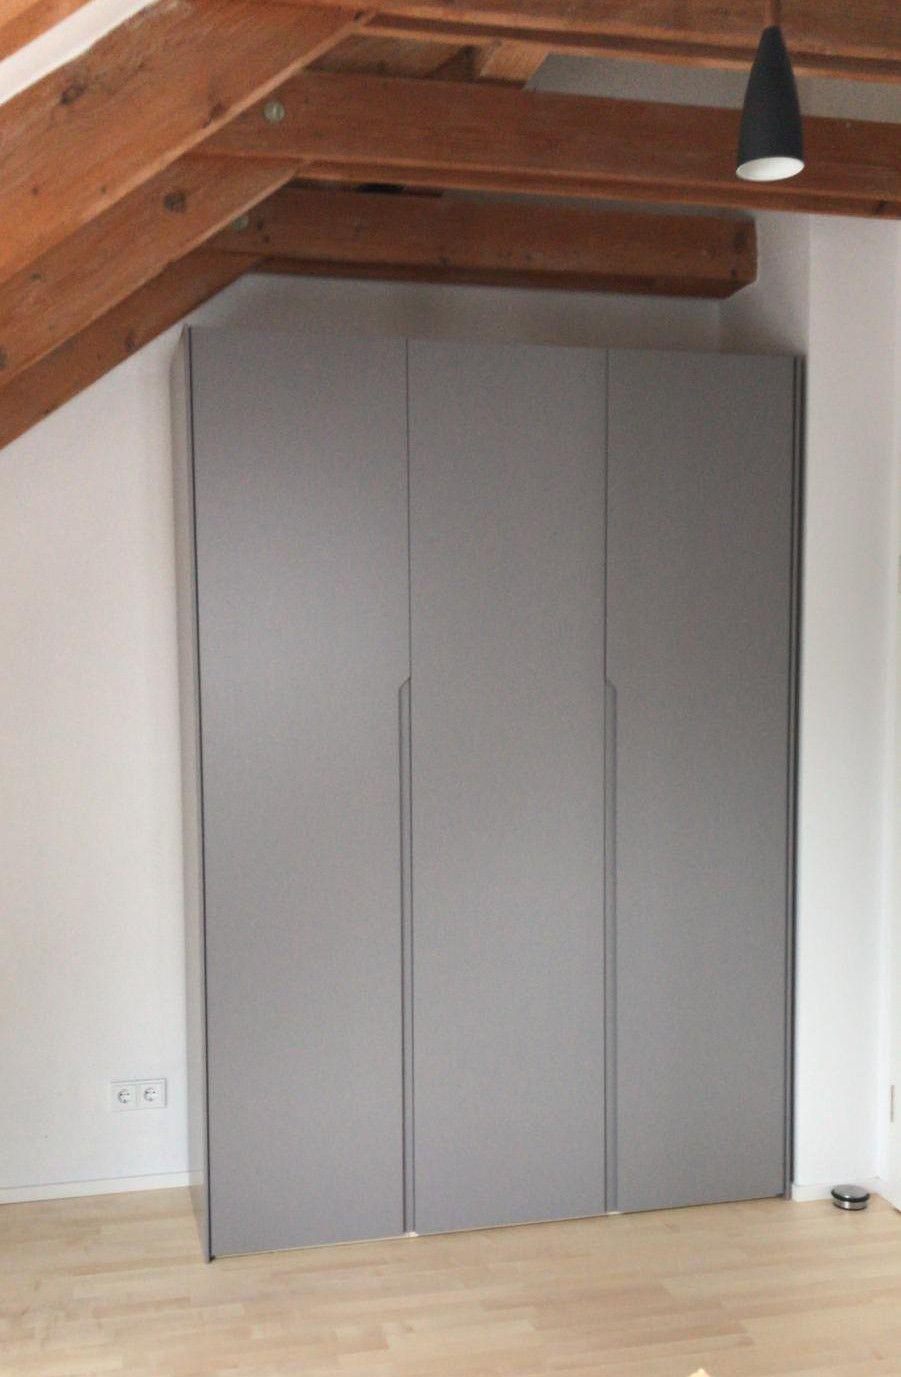 Idaw Schrank Nach Mass Einbauschranke Und Design Kommoden Interior Home Decor Room